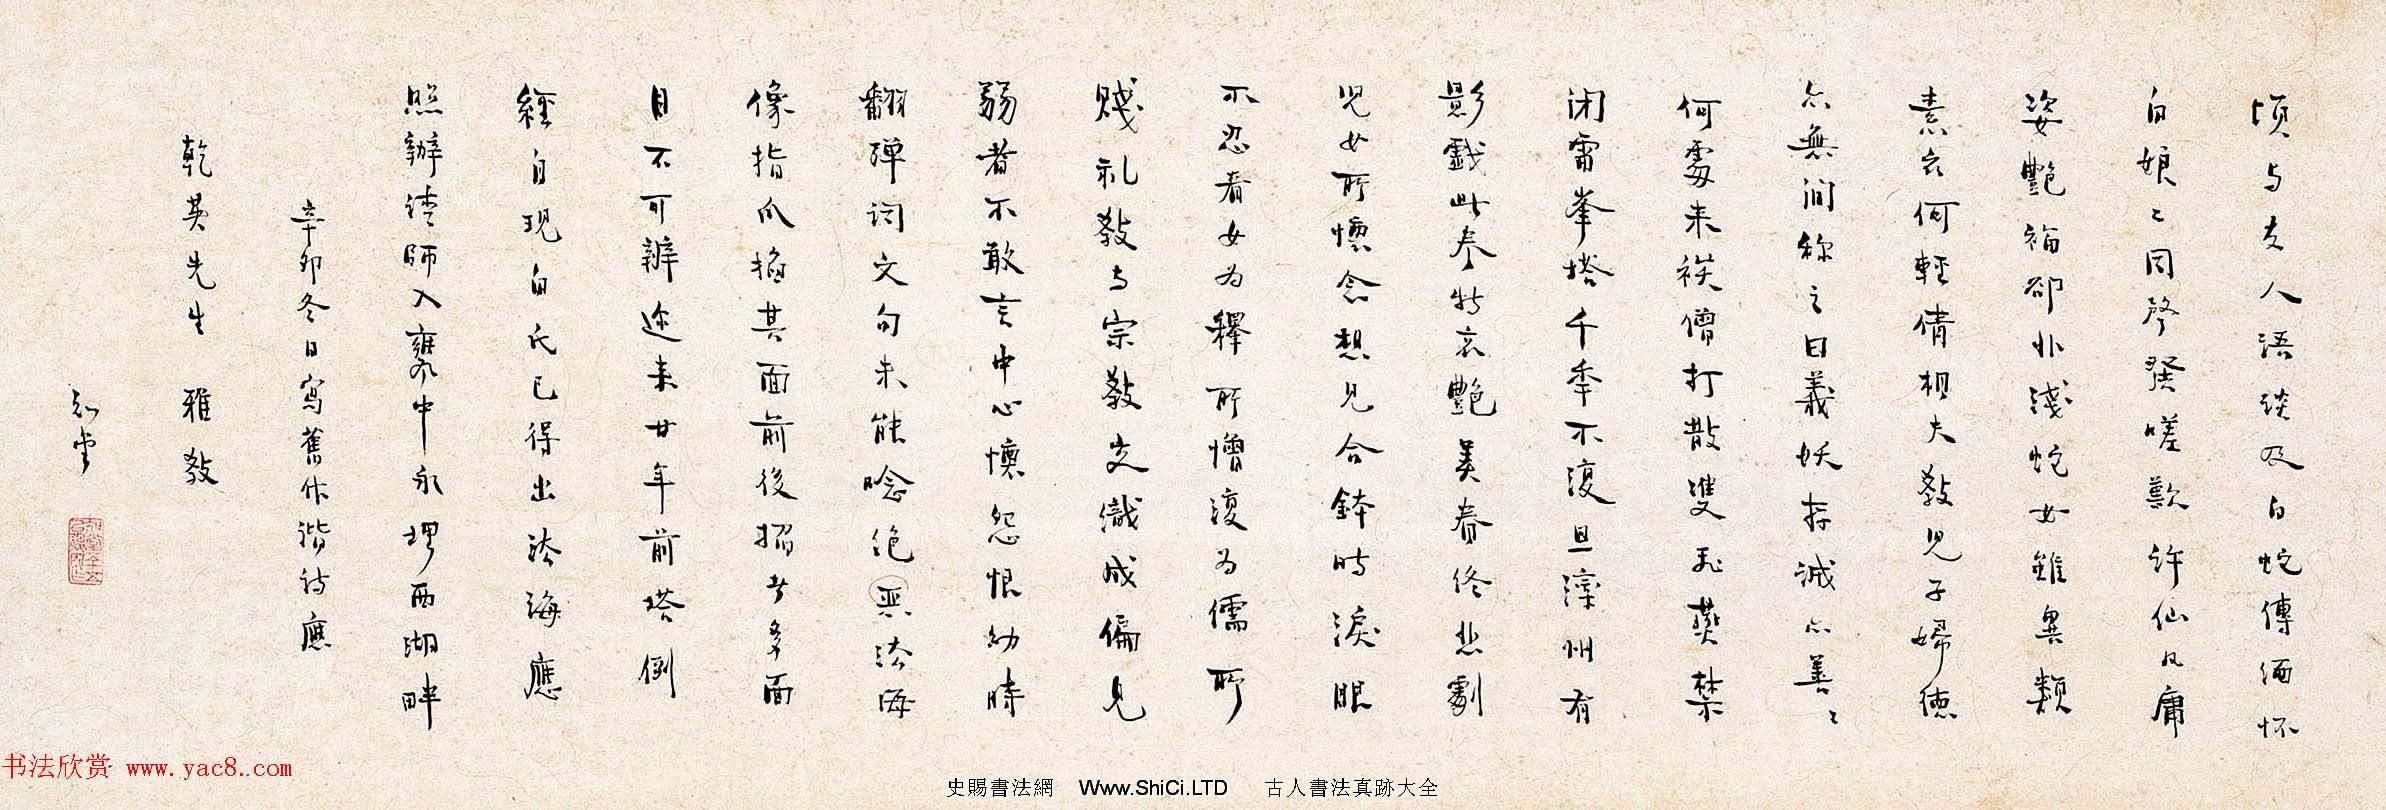 魯迅之弟周作人書法墨跡真跡欣賞(共15張圖片)